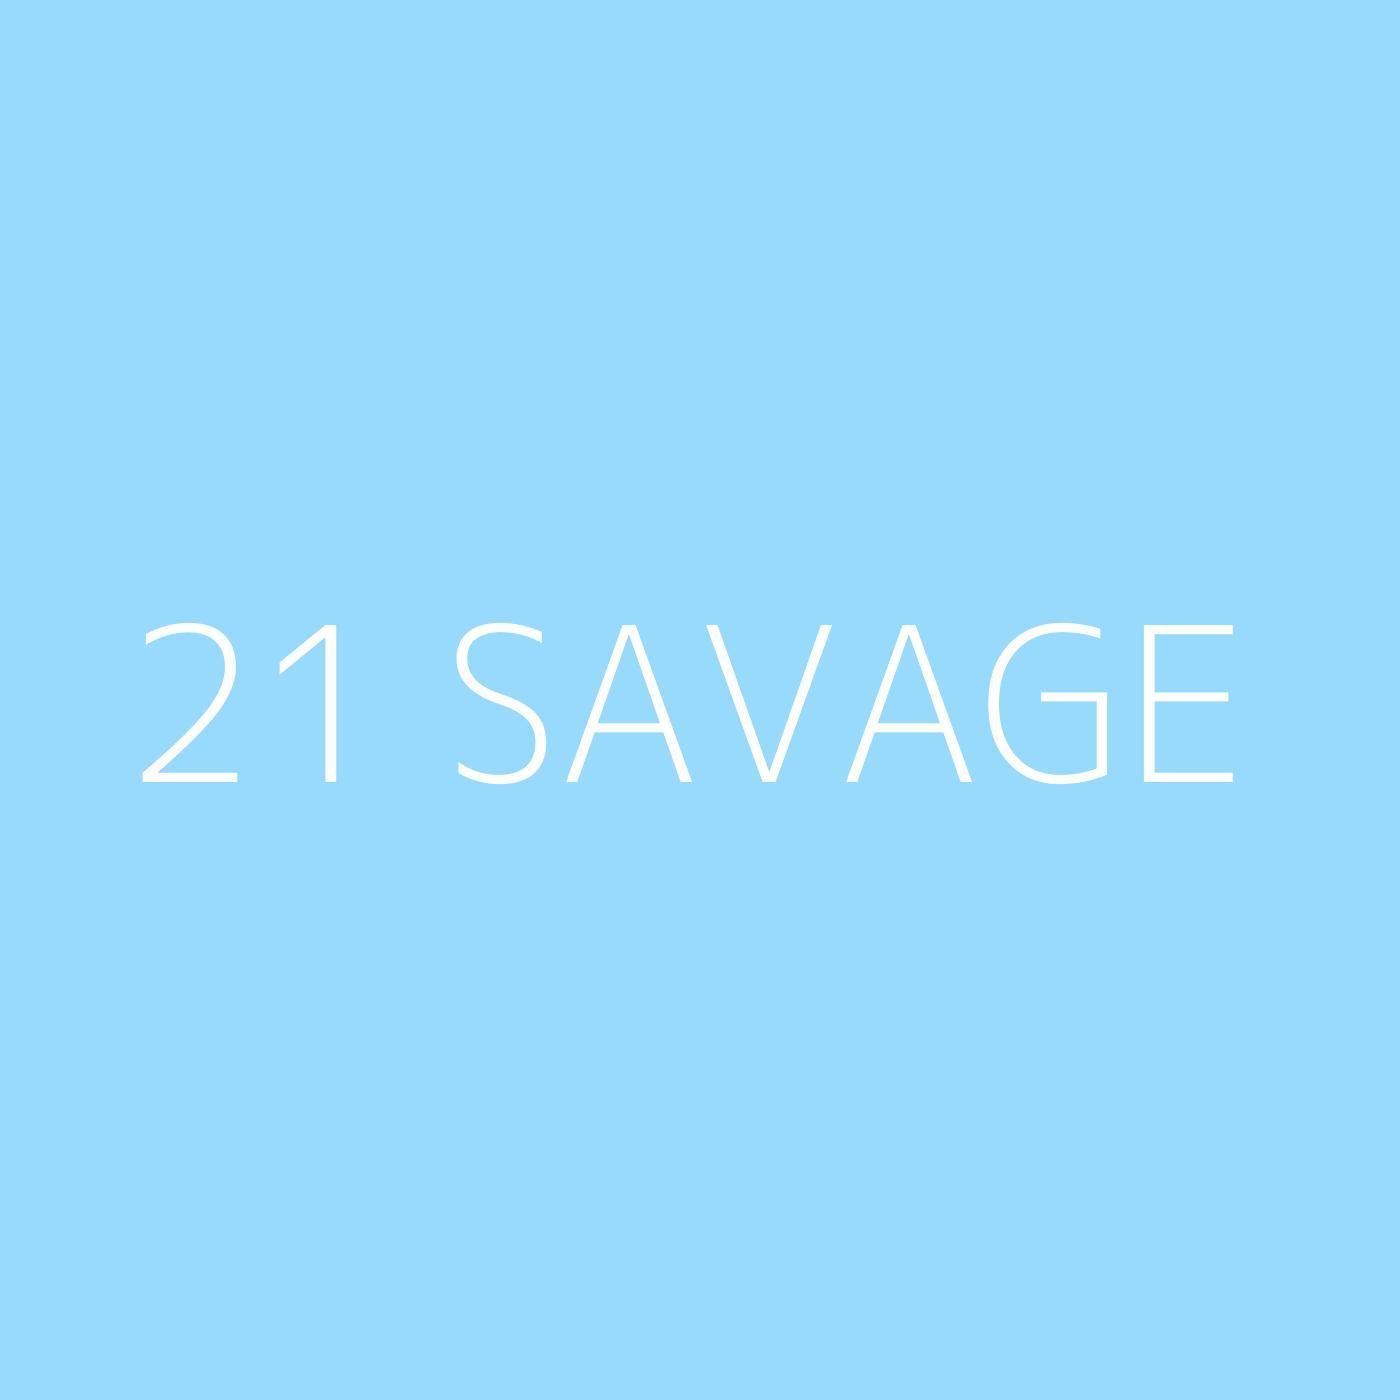 21 Savage Playlist Artwork